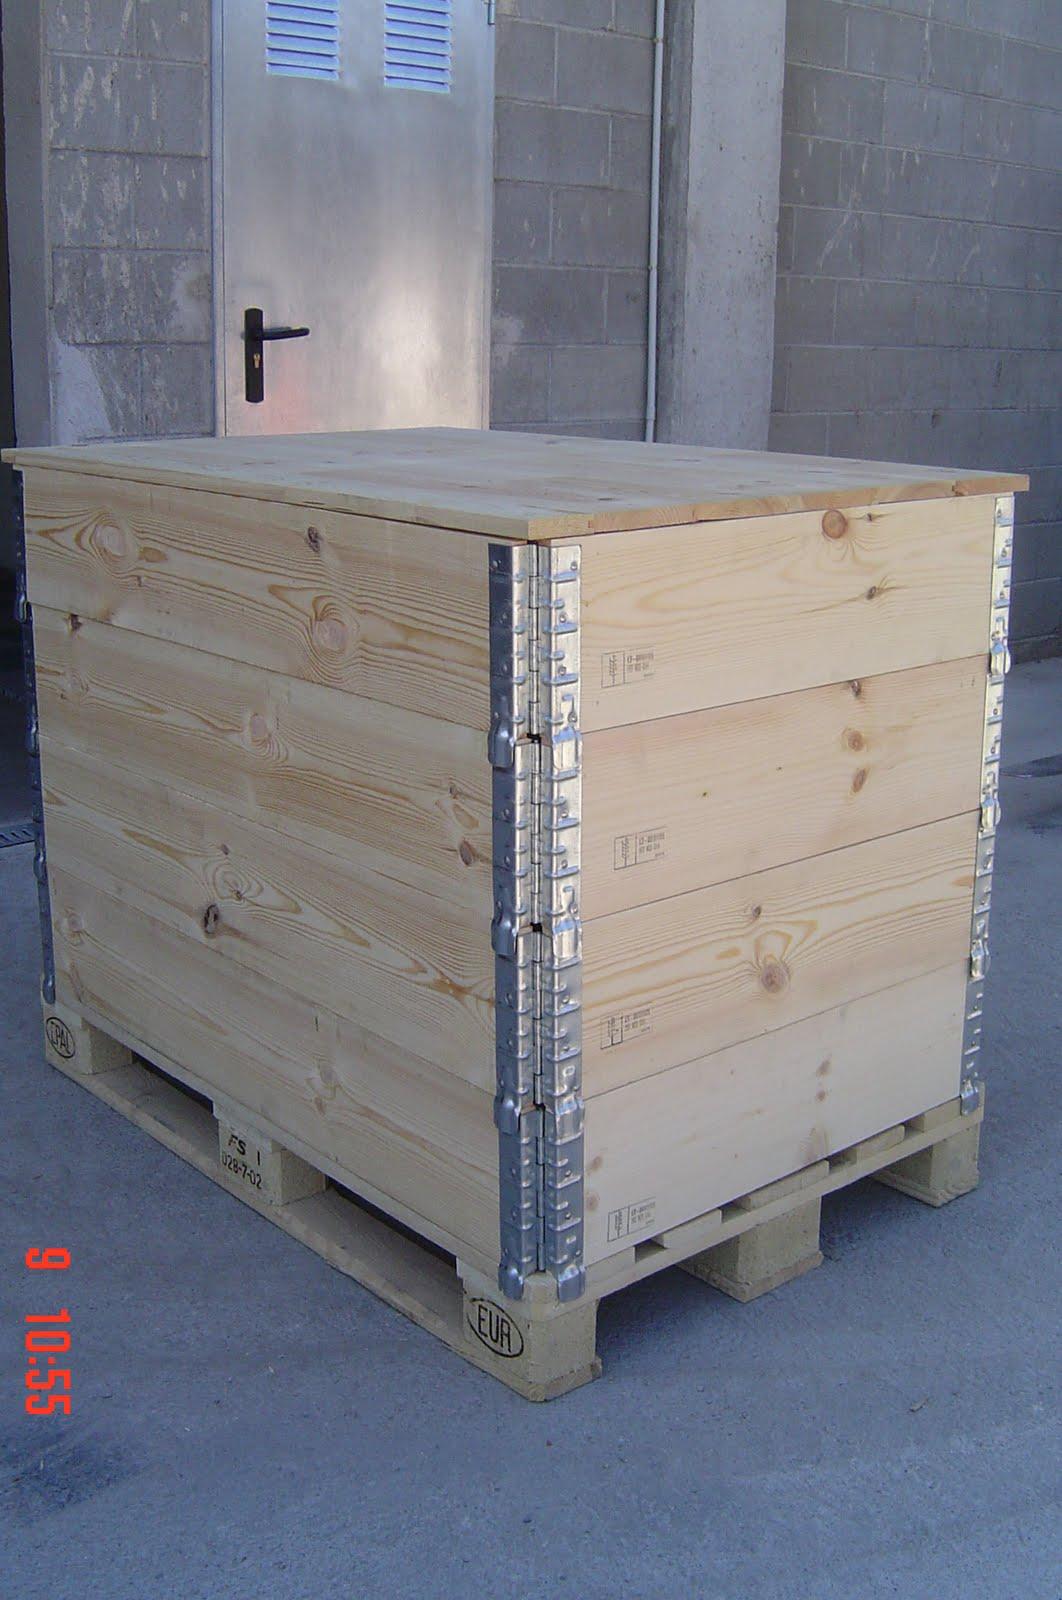 Inka palets barcelona 5 1 cajas m dulos de madera cercos aros plegables con tratamiento ispm15 - Cajas madera barcelona ...